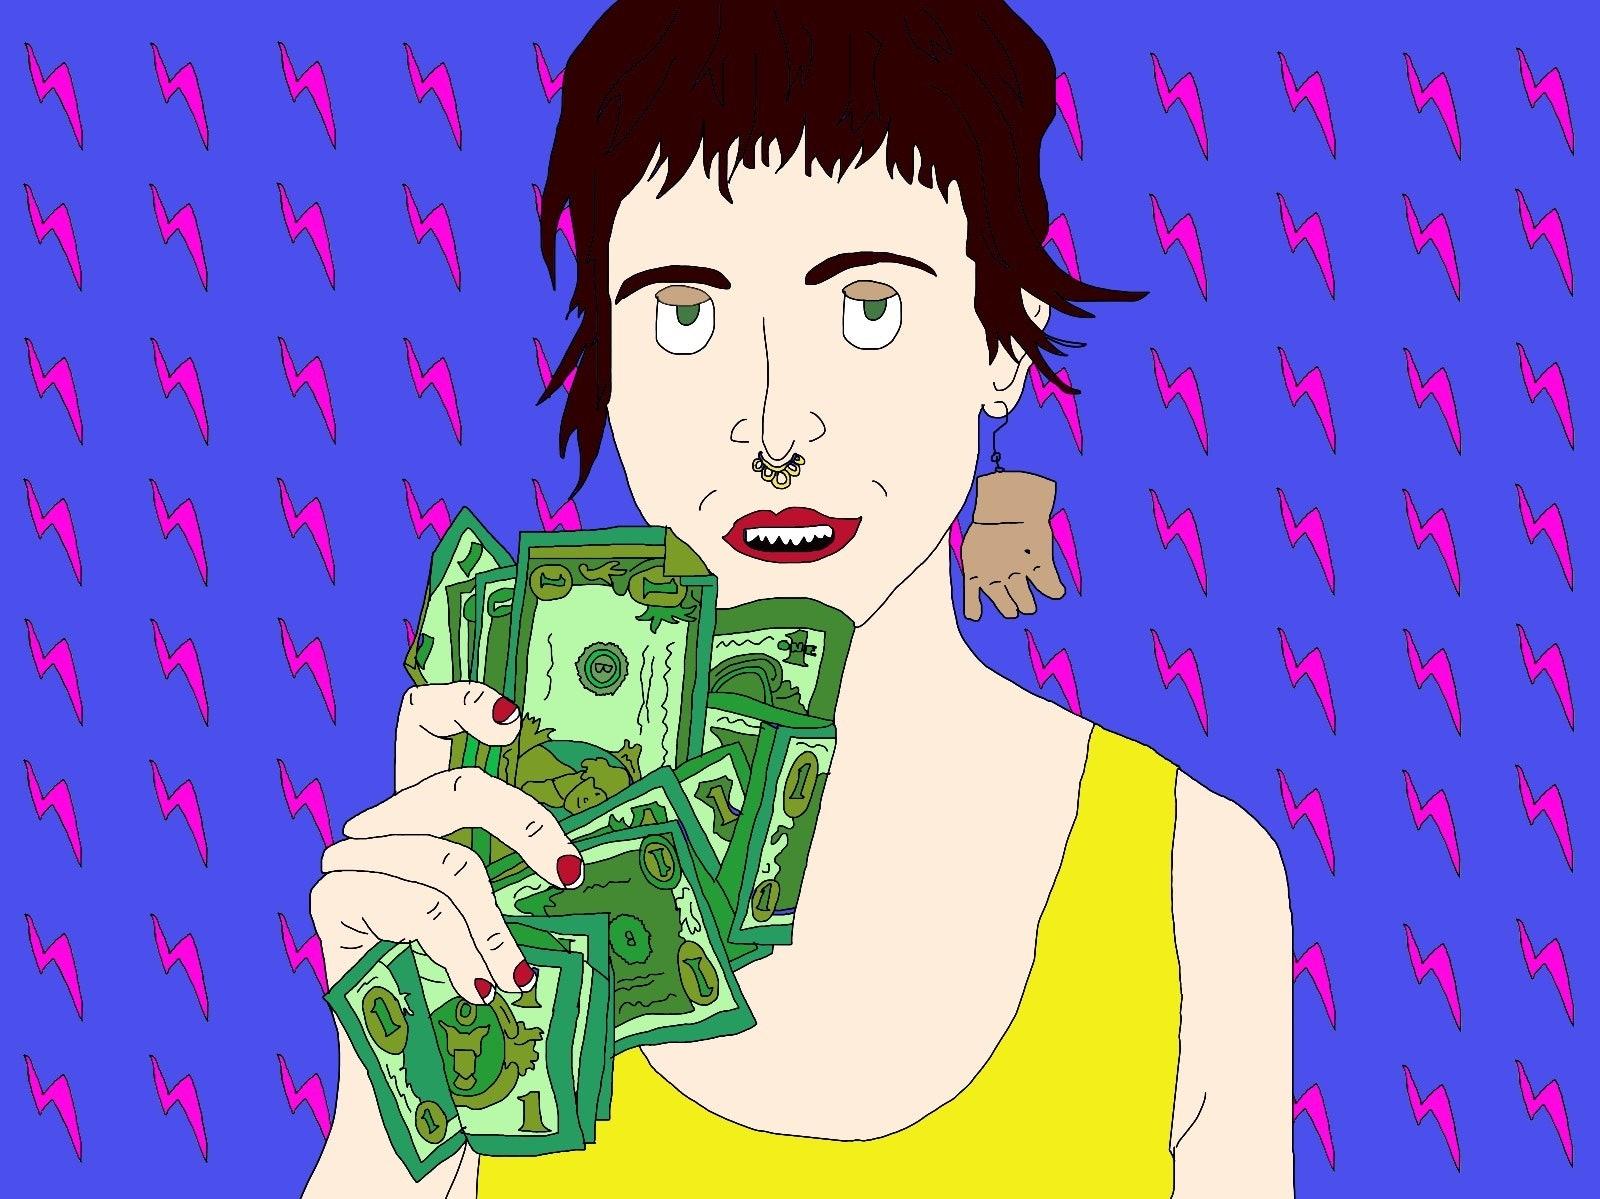 OG Digital Artist Molly Soda Is Not the Face of Cyber-Feminism